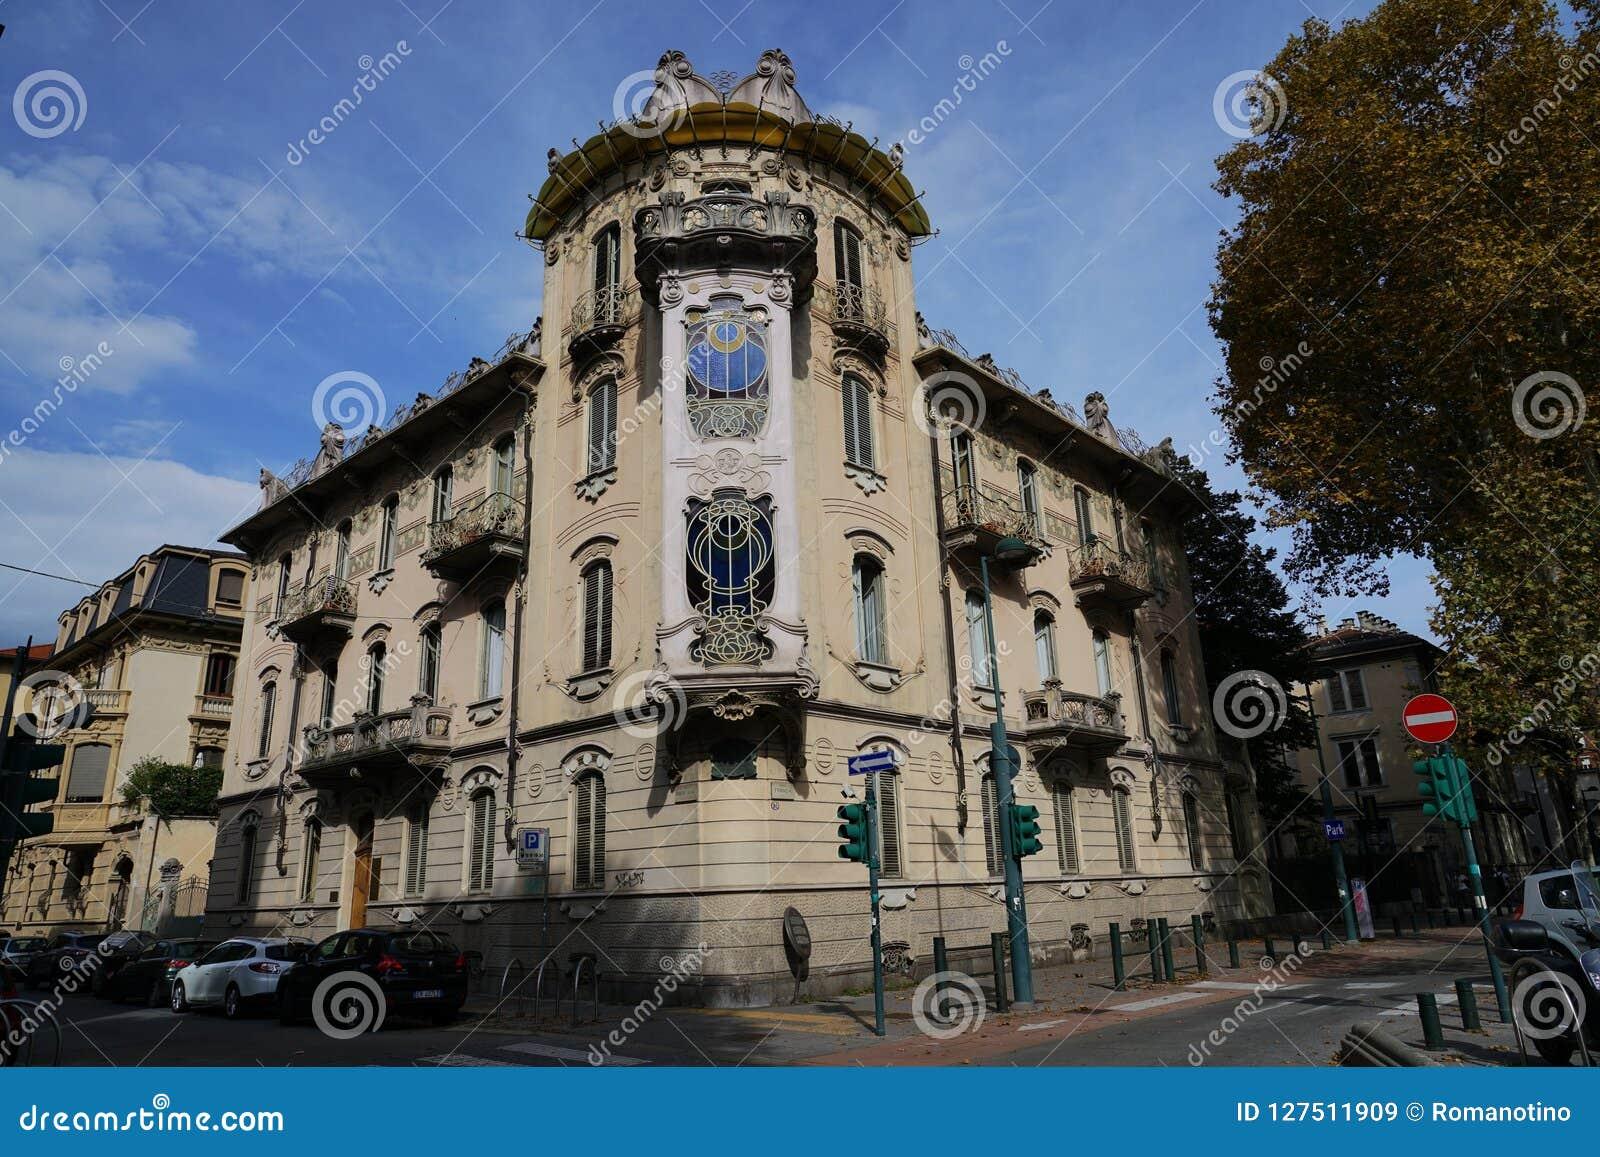 Turin The Fenoglio-Lafleur House